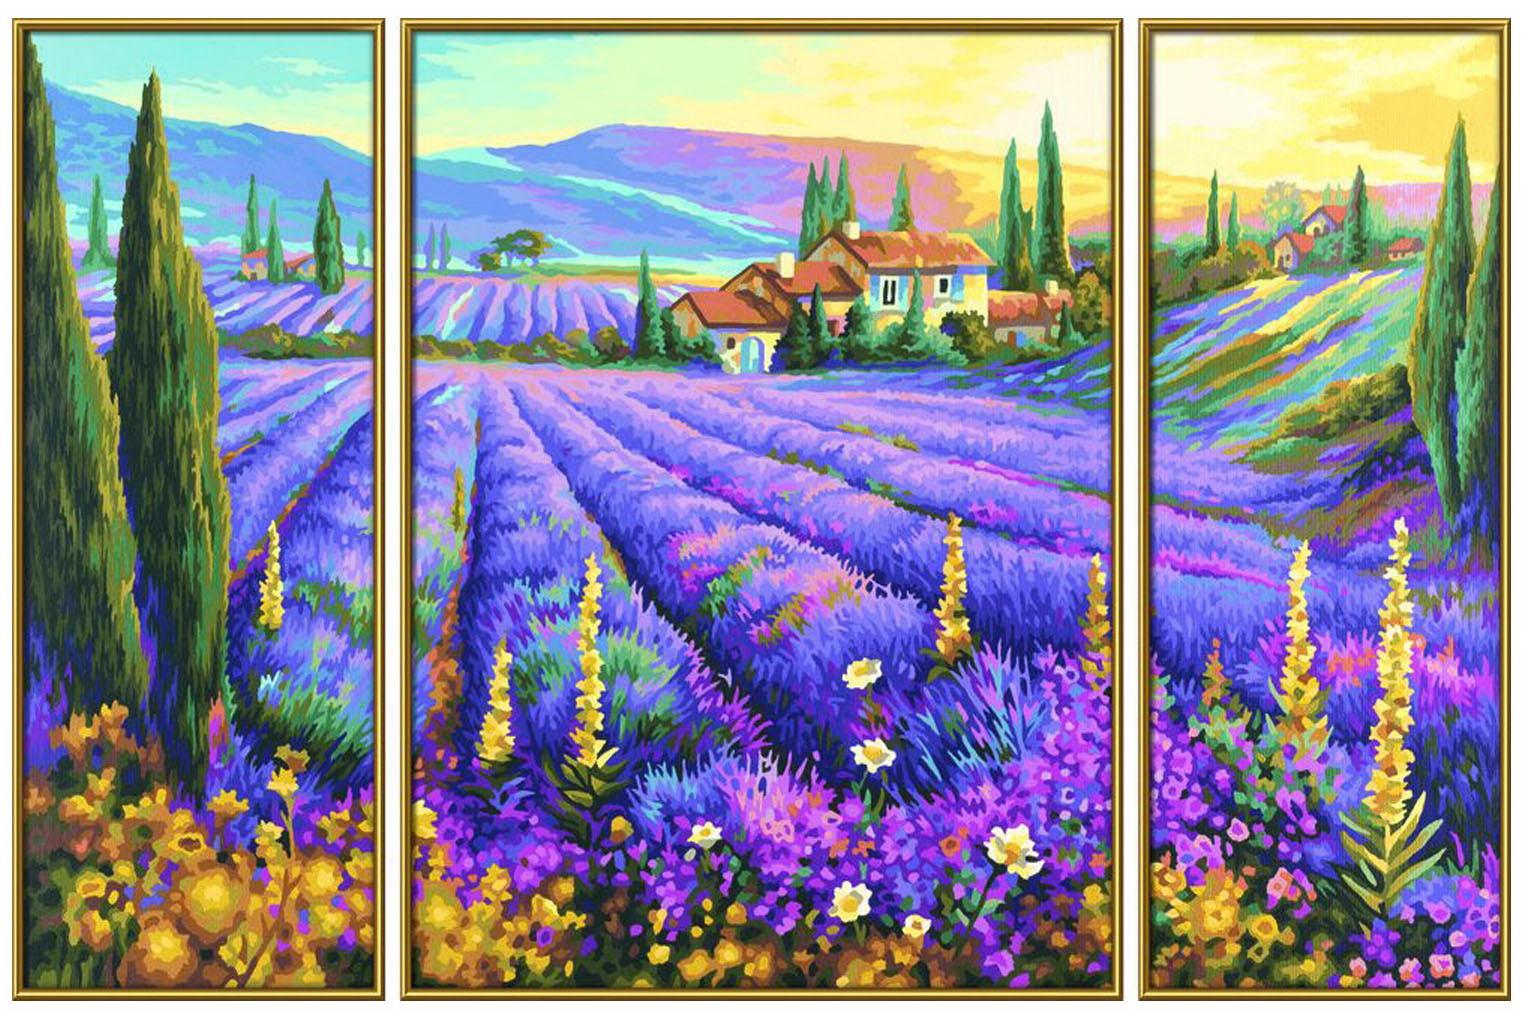 Раскраска по цифрам Триптих: Лавандовые поляРаскраски по номерам Schipper<br>Раскраска по цифрам Триптих: Лавандовые поля<br>